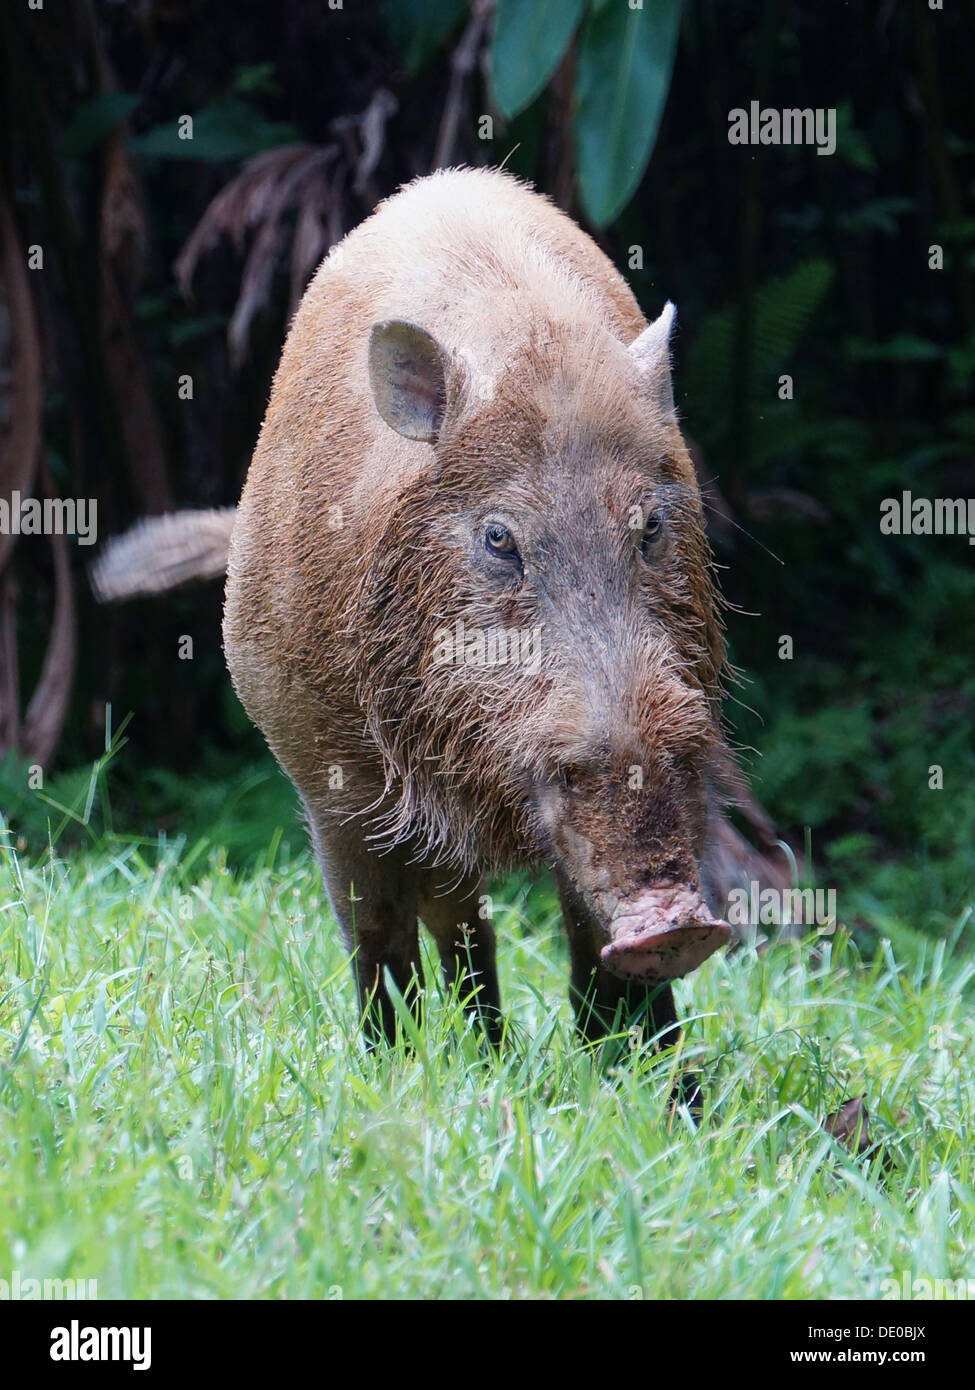 Sus barbatus bearded pig sumatra borneo - Stock Image